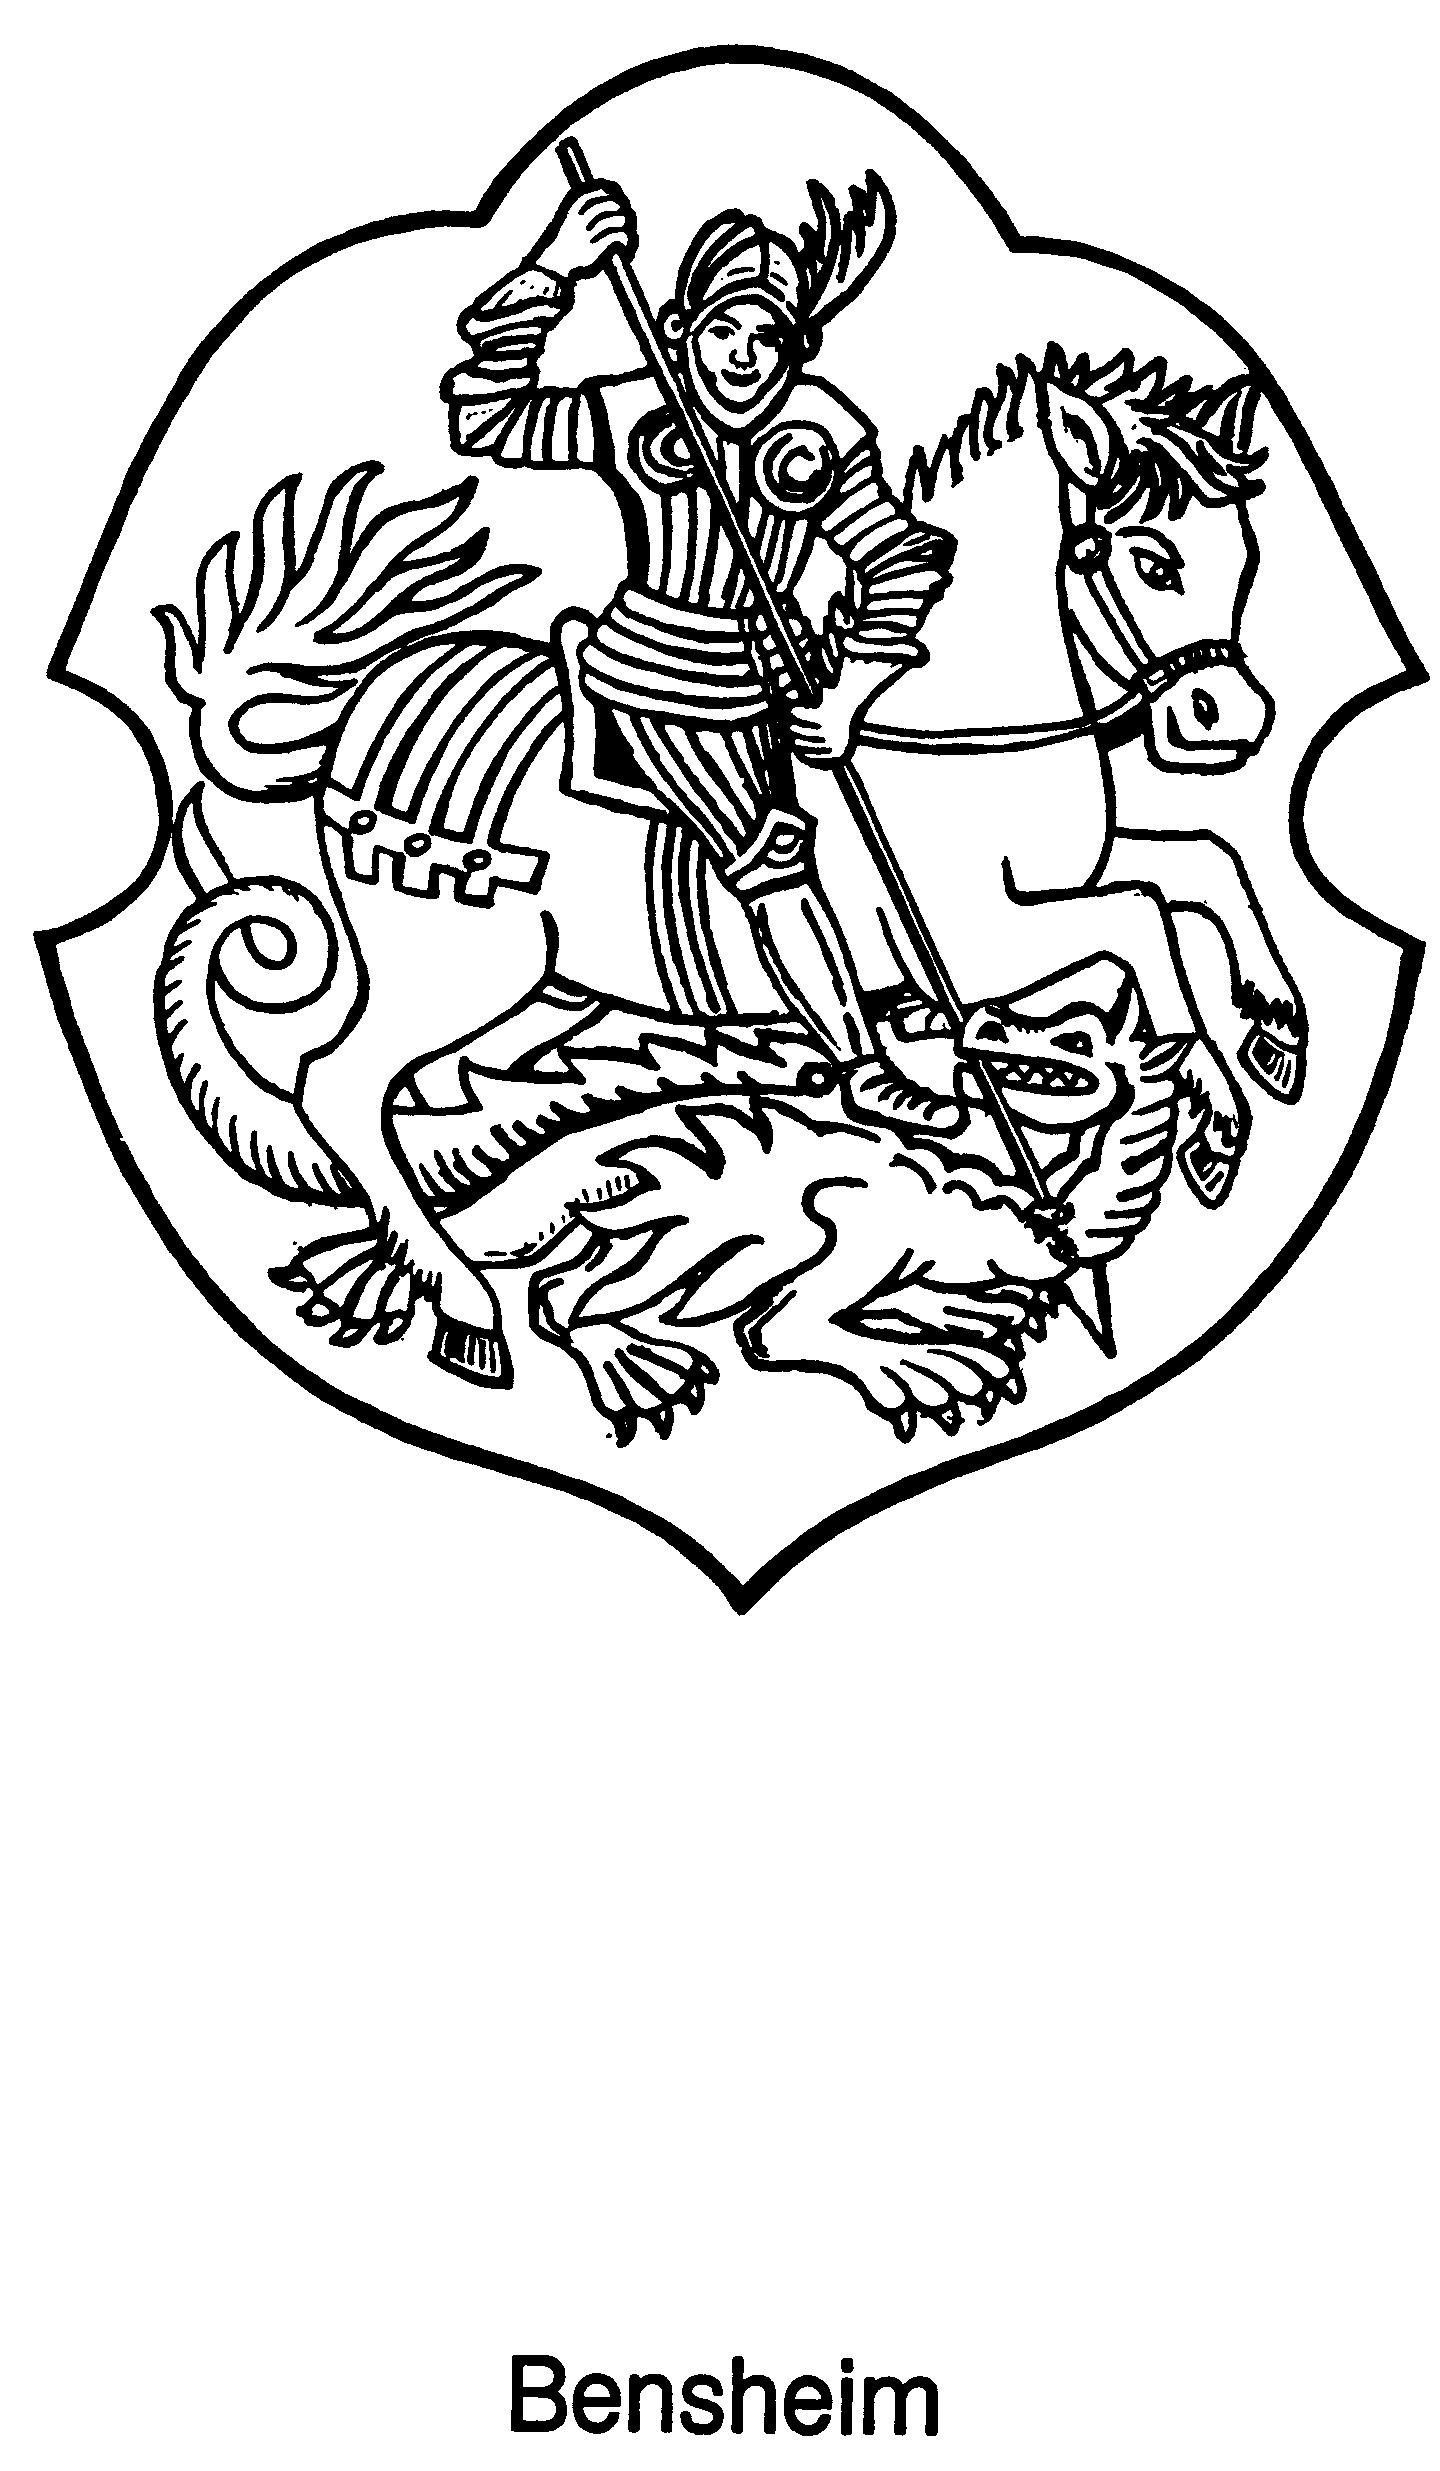 File:Wappen Bensheim schwarzweiss.jpg.